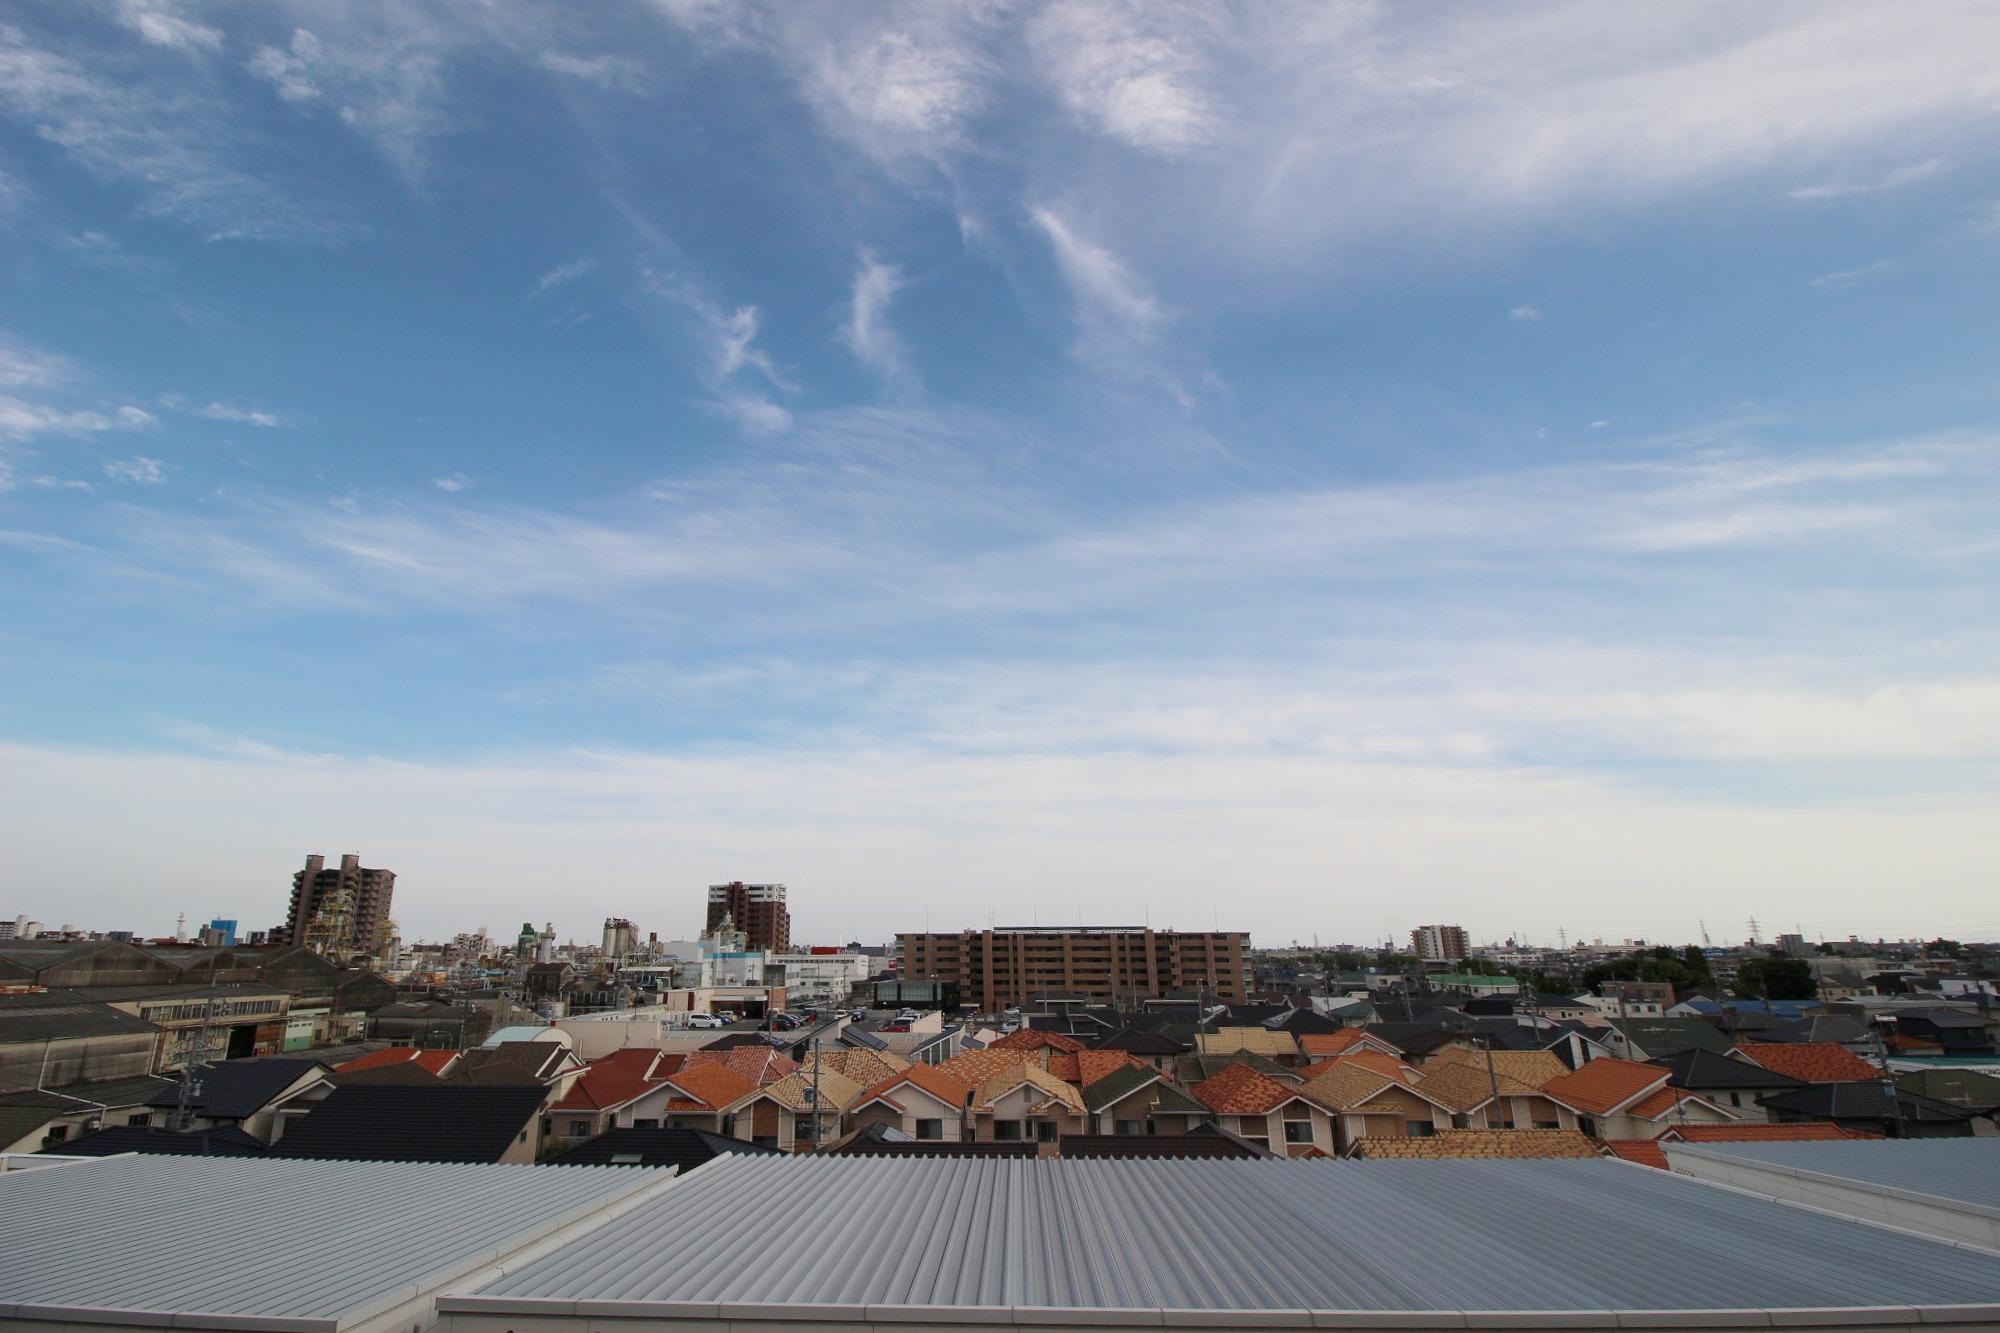 バルコニーからのsupe rview